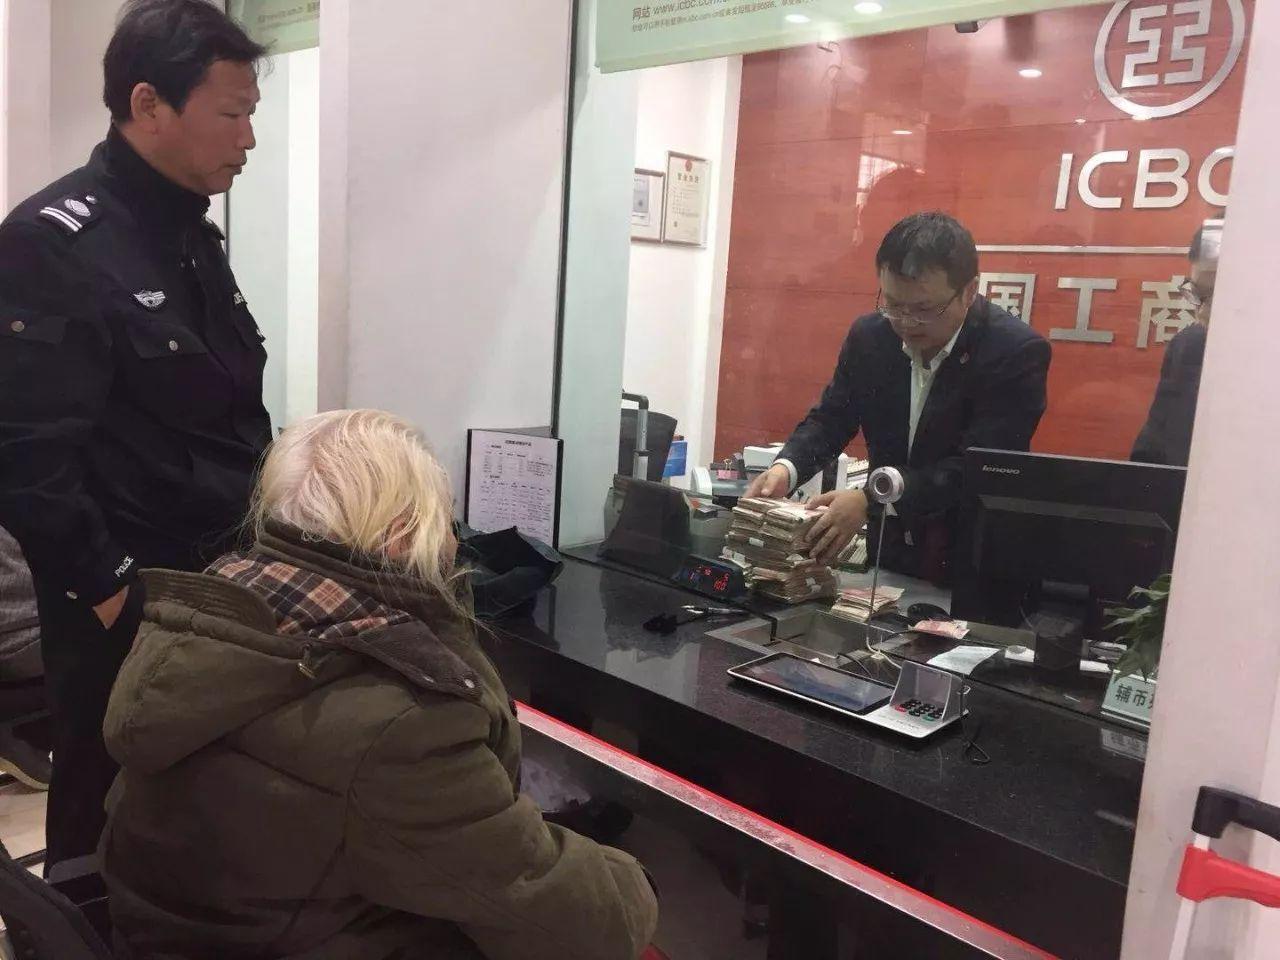 ▲救助站安排专人协助老人将钱存入银行。图据武汉市救助管理站官网